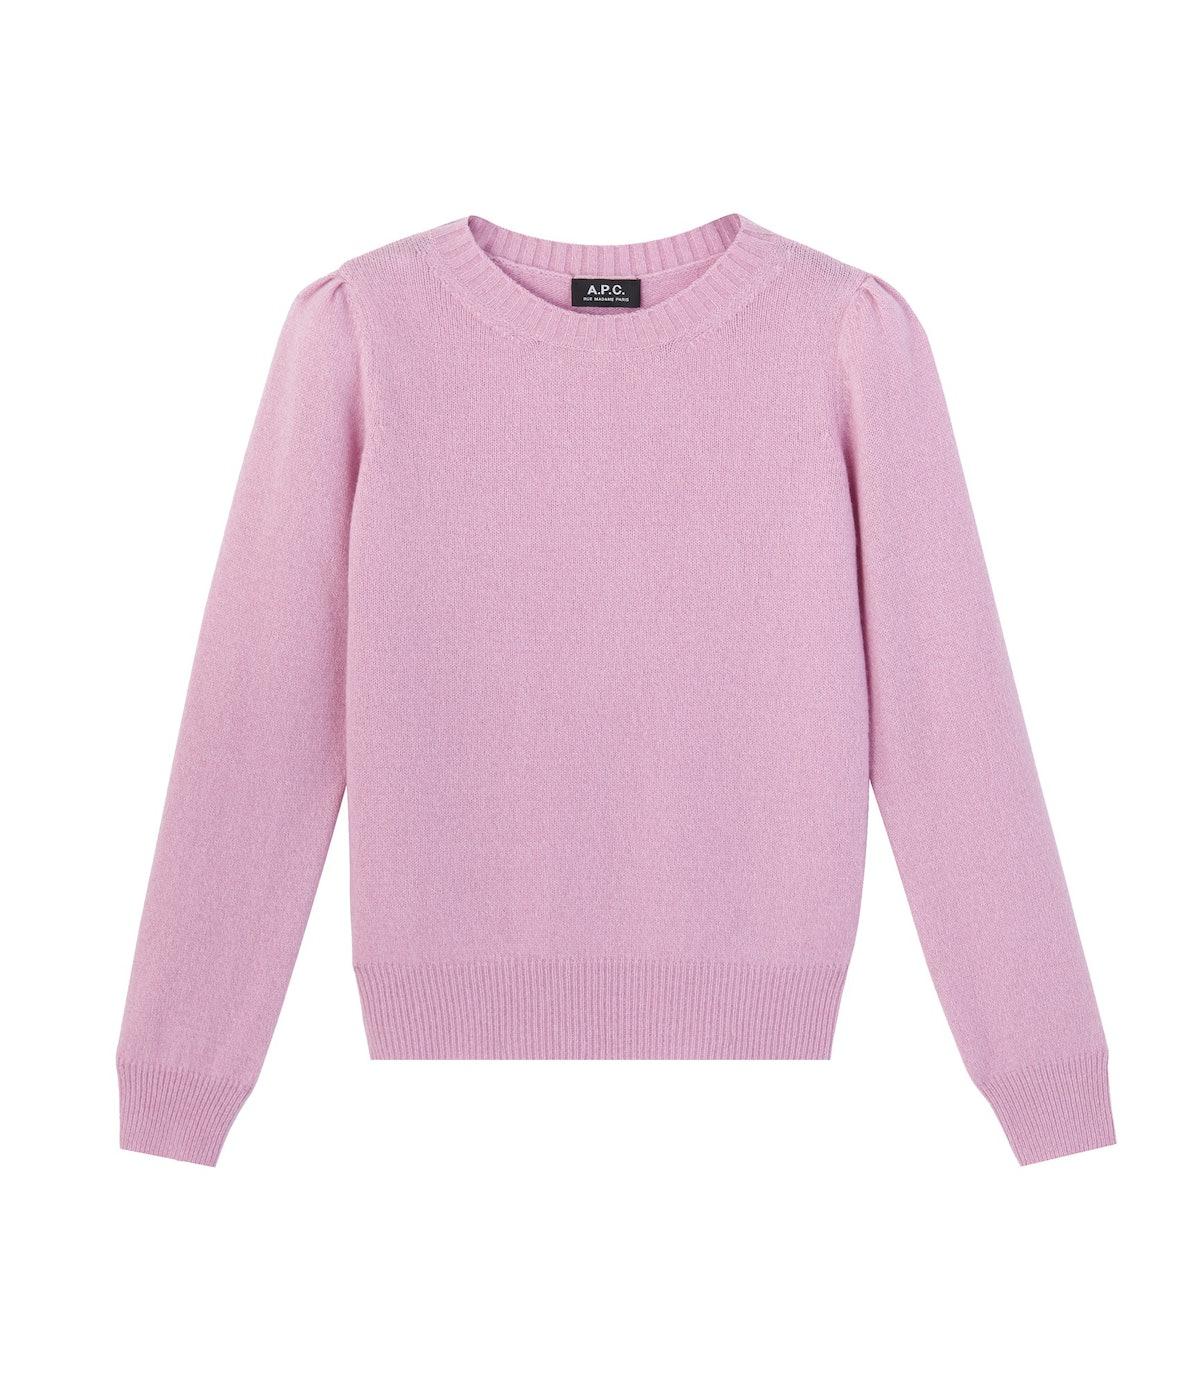 Lauren Sweater